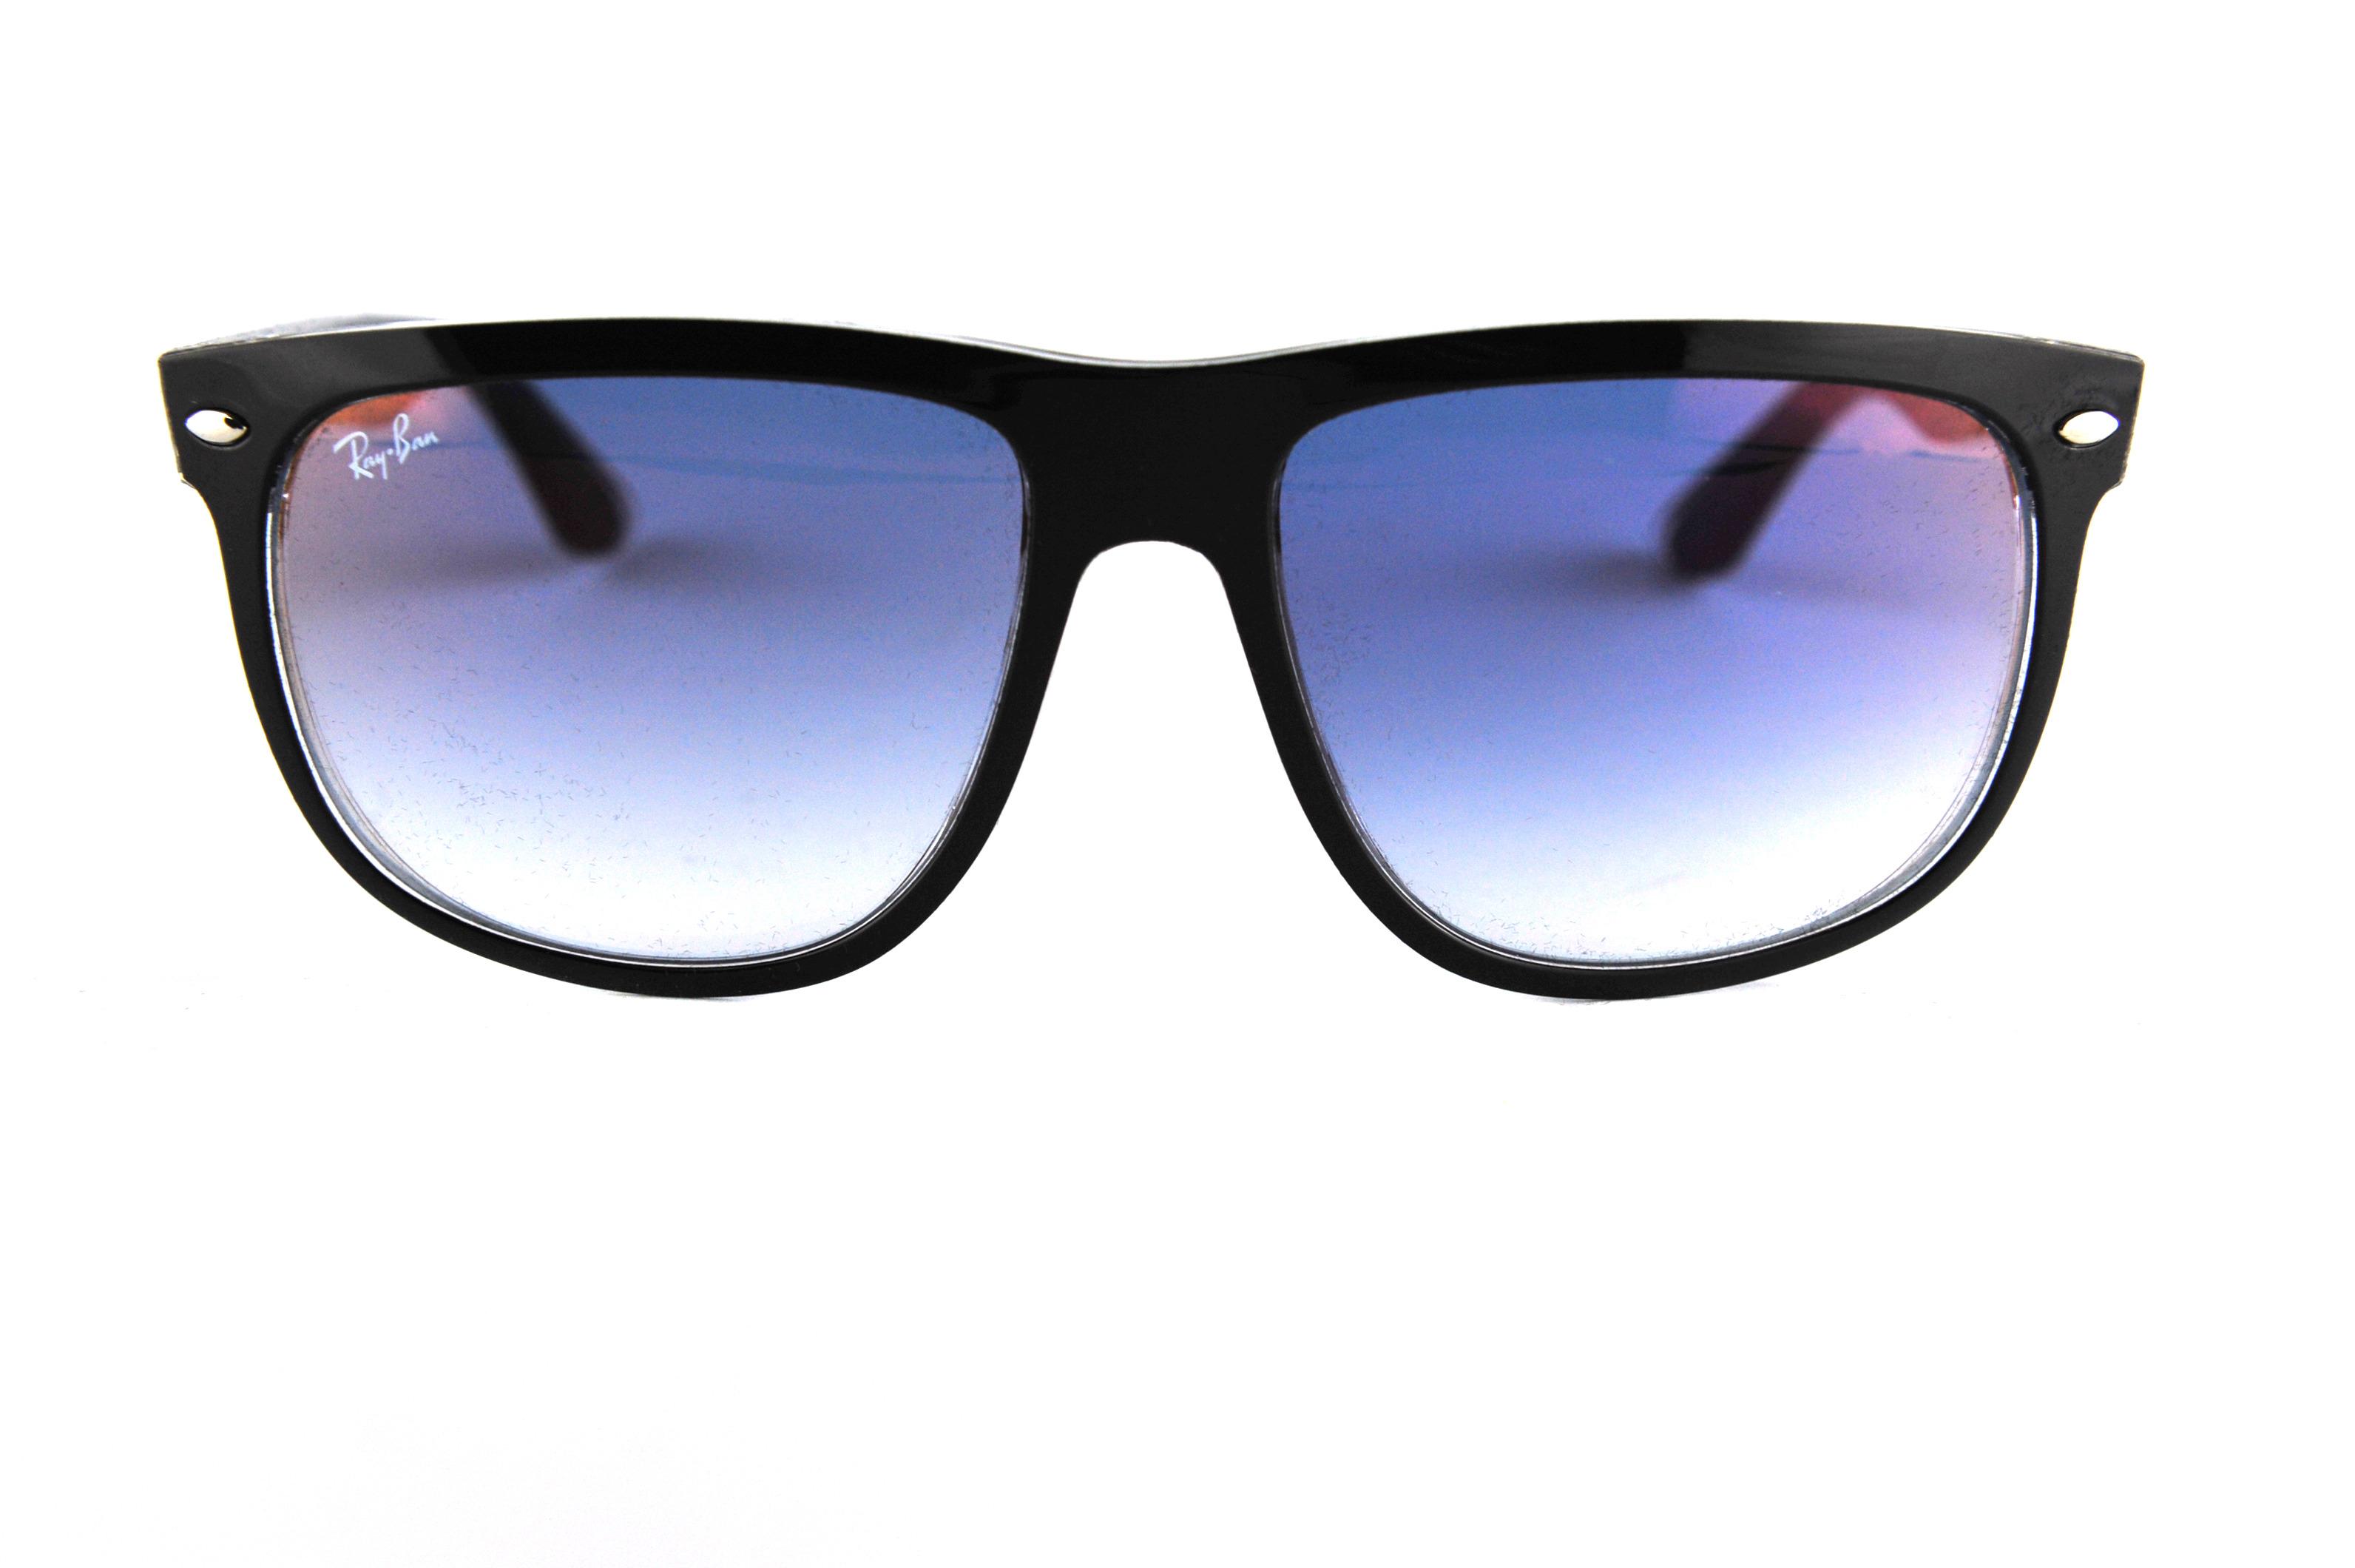 nuovi stili 67664 66441 RAY BAN Occhiali da sole colore nero , squadrato, lente blu rb4147 ...